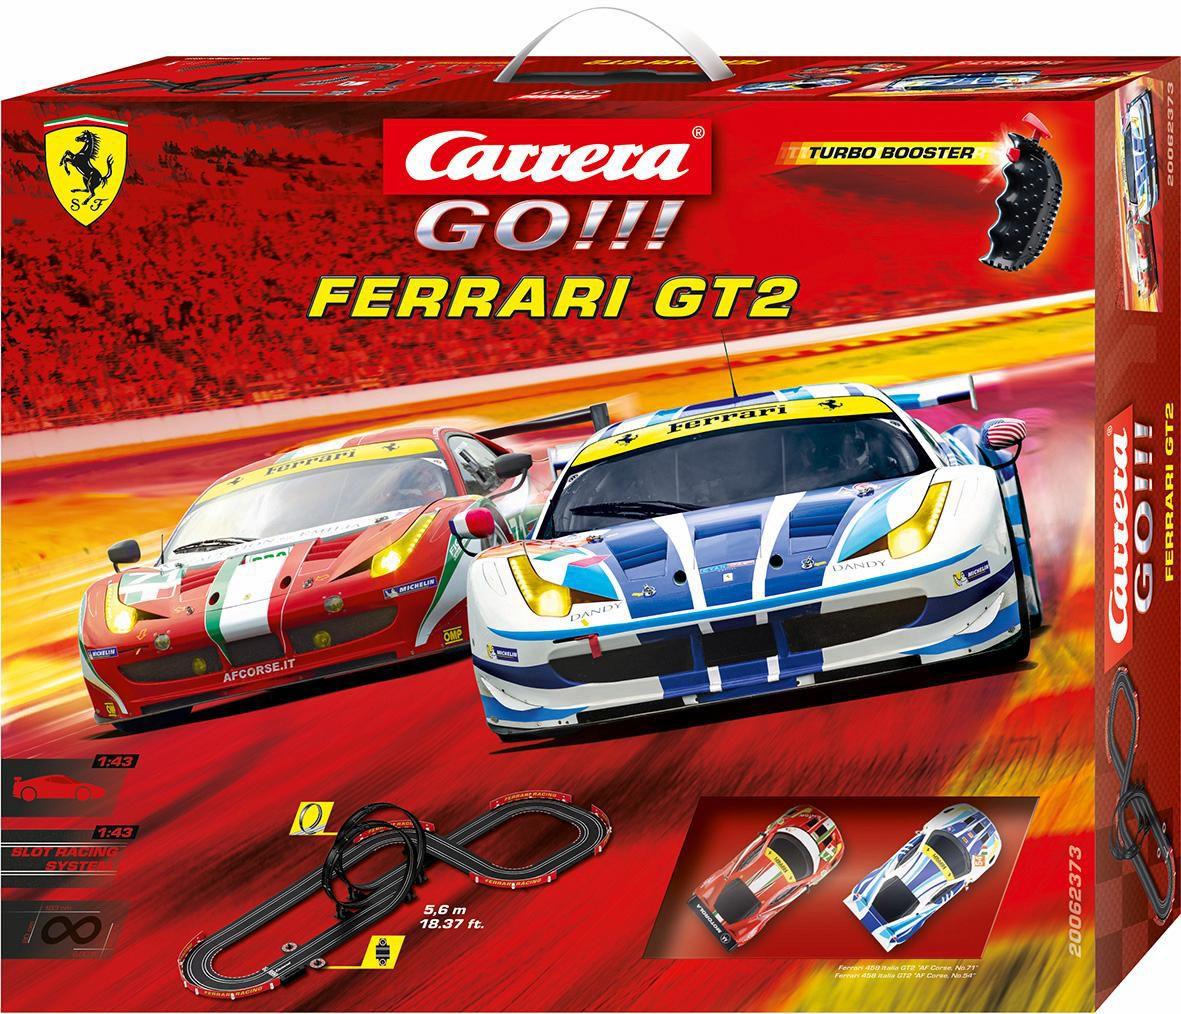 CARRERA Carrera Autorennbahn, »Carrera® GO!!!, Ferrari GT2 «